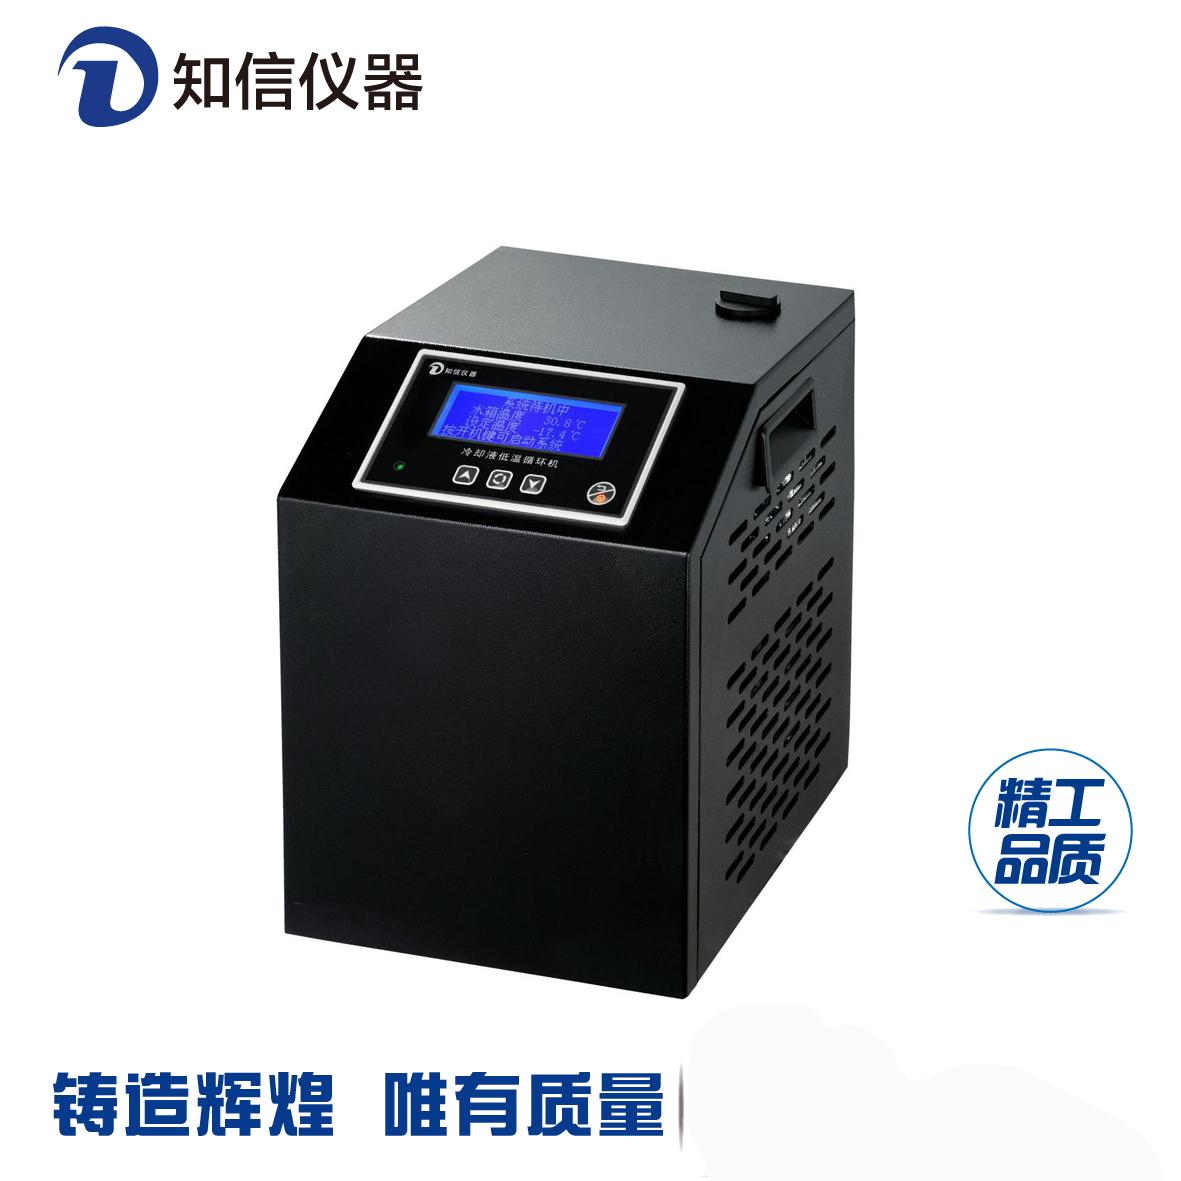 优质精选冷却液低温循环机,常温封闭型系列1L冷水机,上海知信实验室冷水机生产厂家